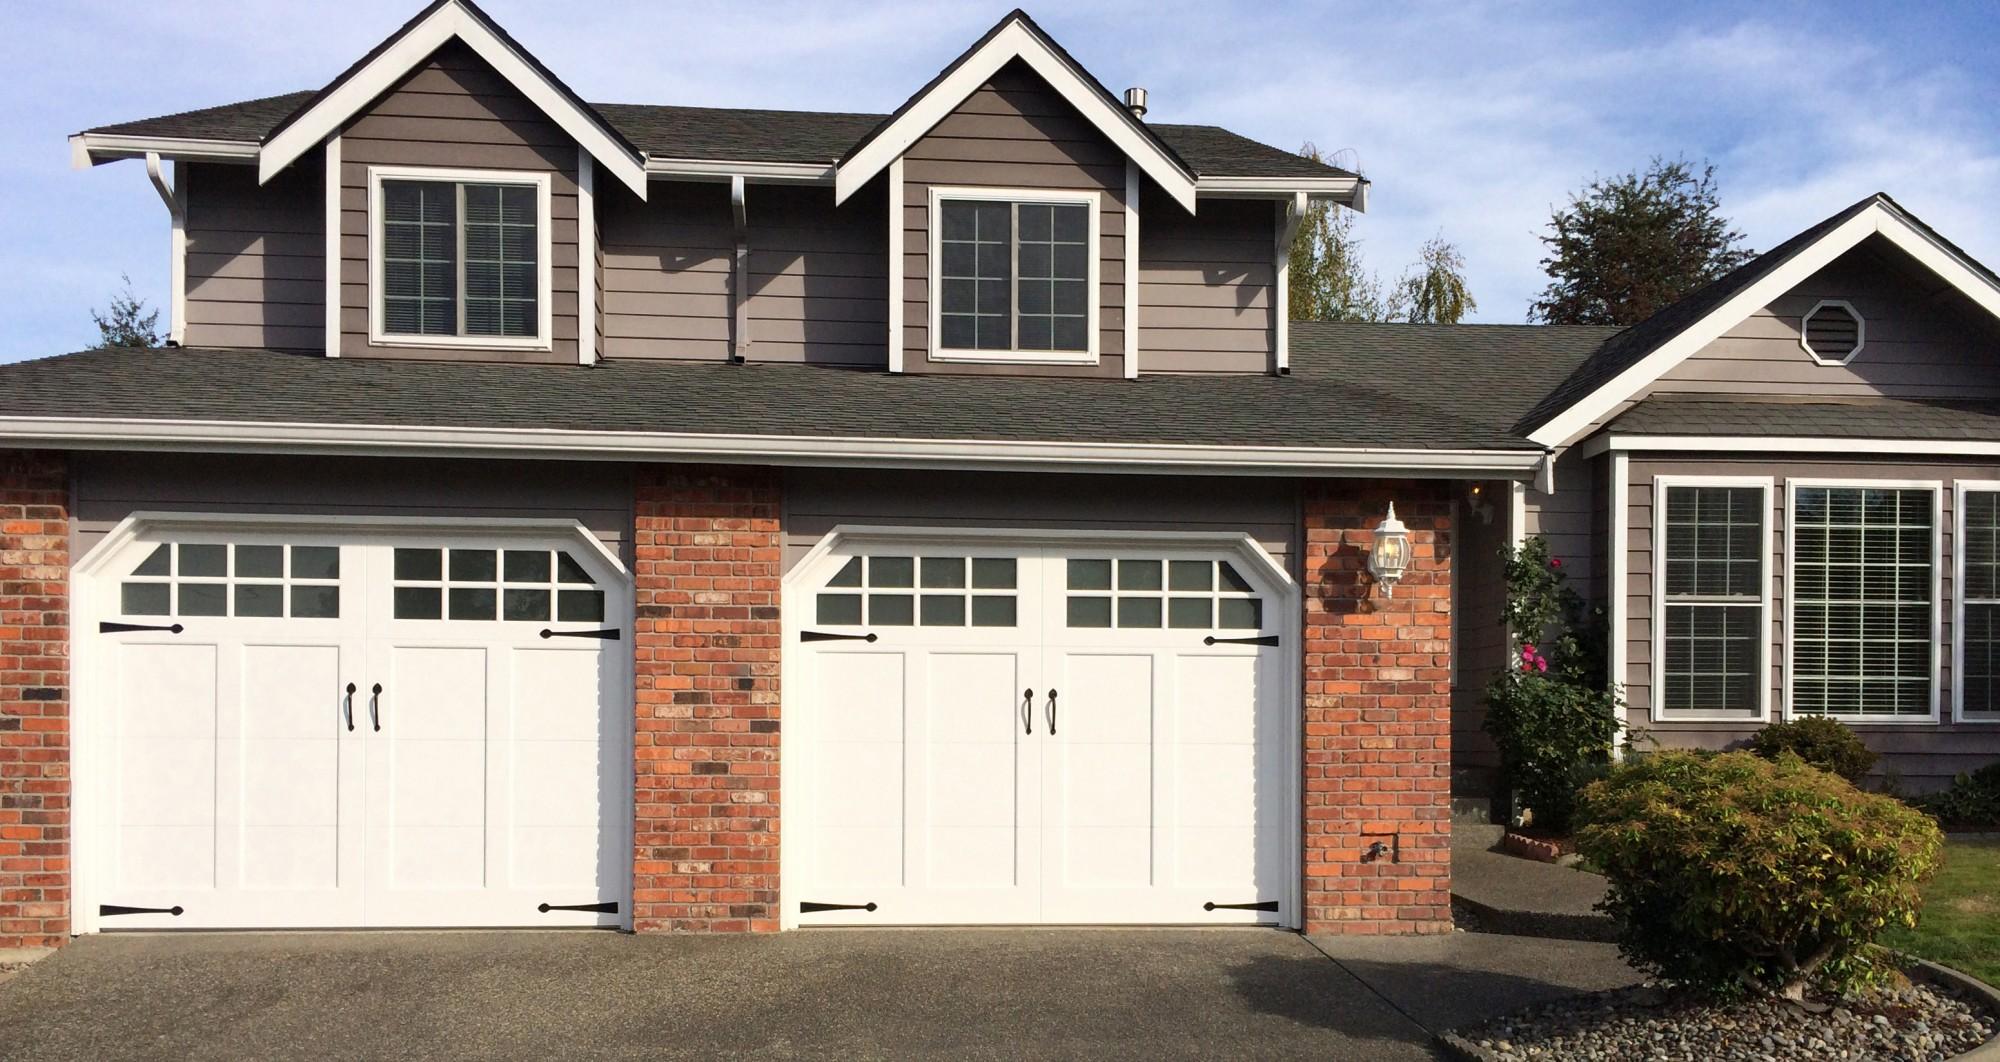 garage liftmaster review mount door opener elite wall g series